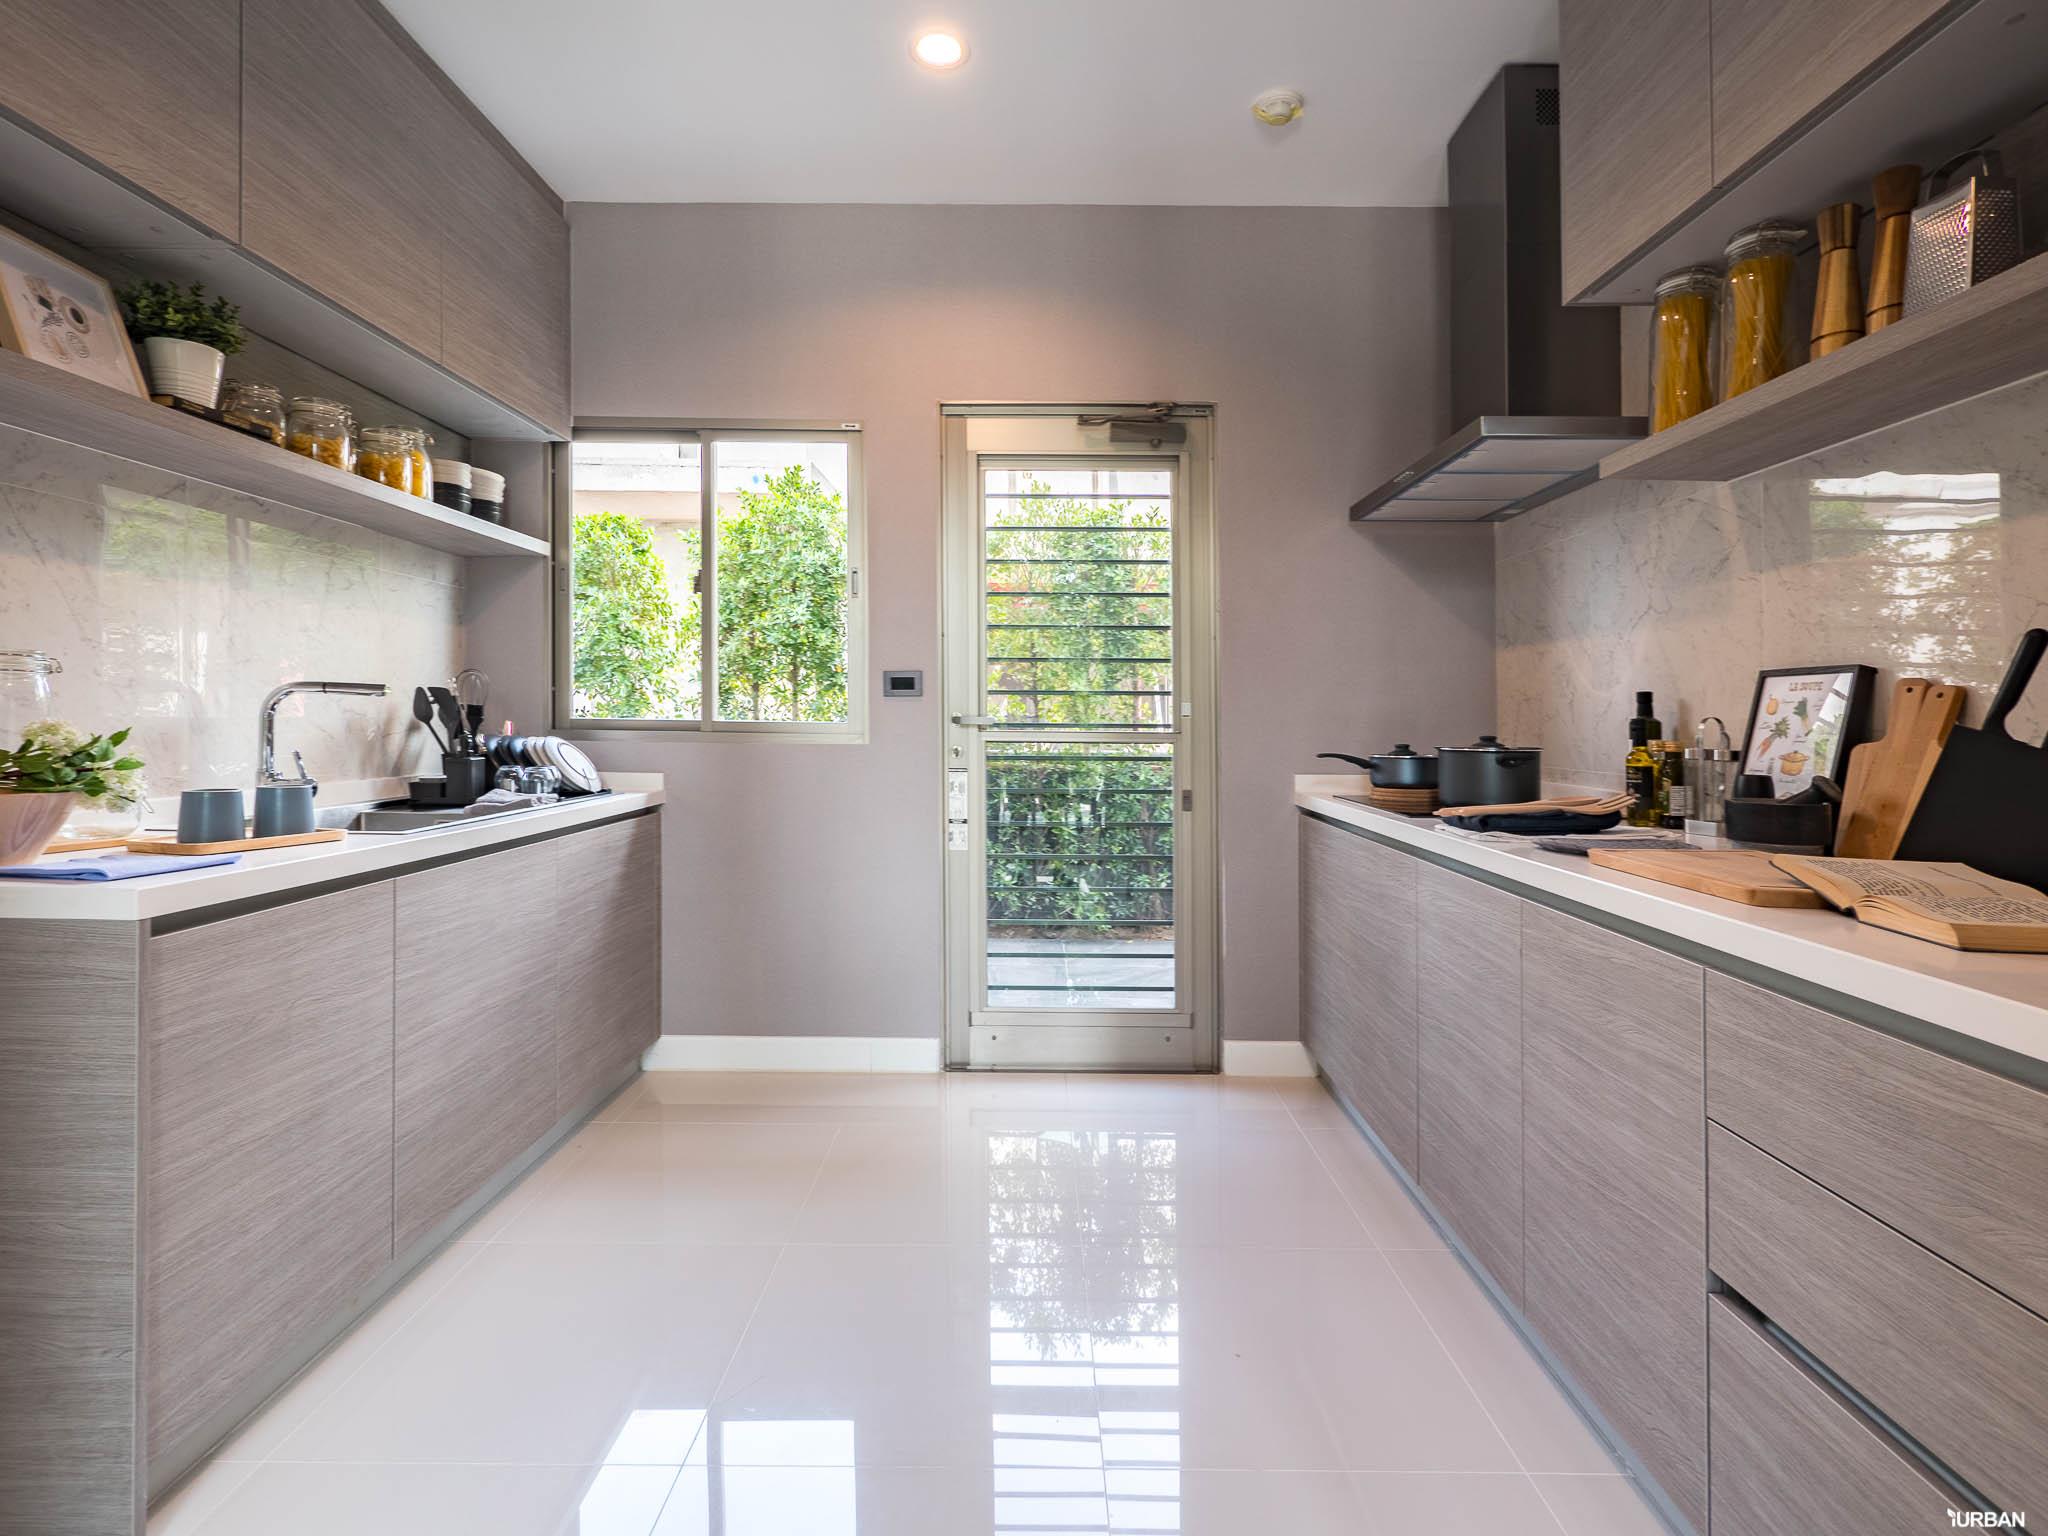 รีวิว Nirvana BEYOND Udonthani บ้านเดี่ยว 3 ชั้น ดีไซน์บิดสุดโมเดิร์น บนที่ดินสุดท้ายหน้าหนองประจักษ์ 41 - Luxury